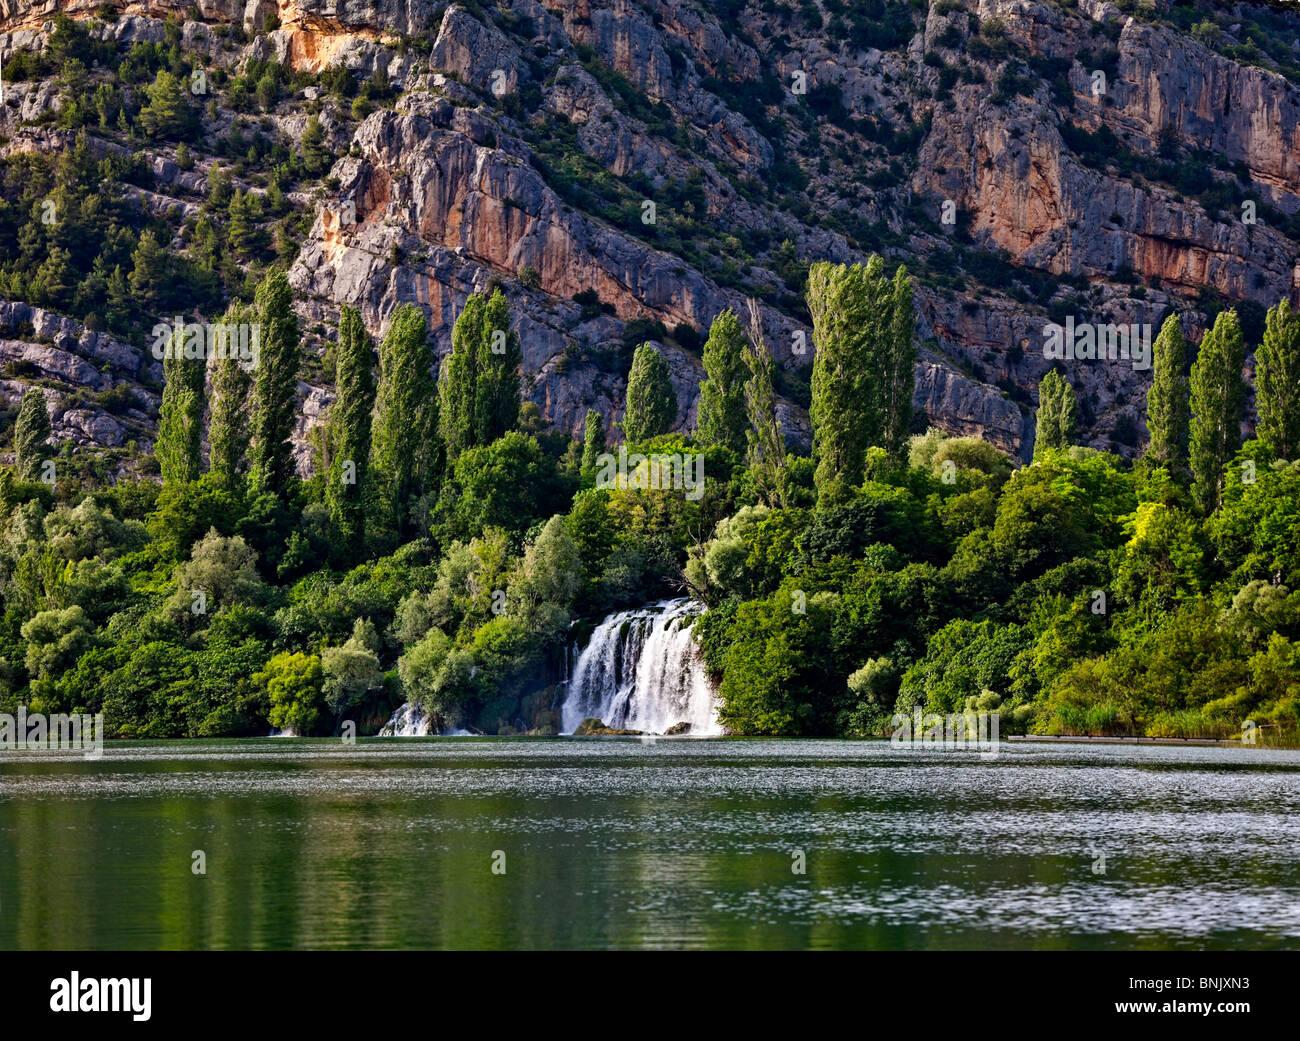 Schöne Landschaft, Fluss Krka Nationalpark in Kroatien. Wasserfall Stockbild